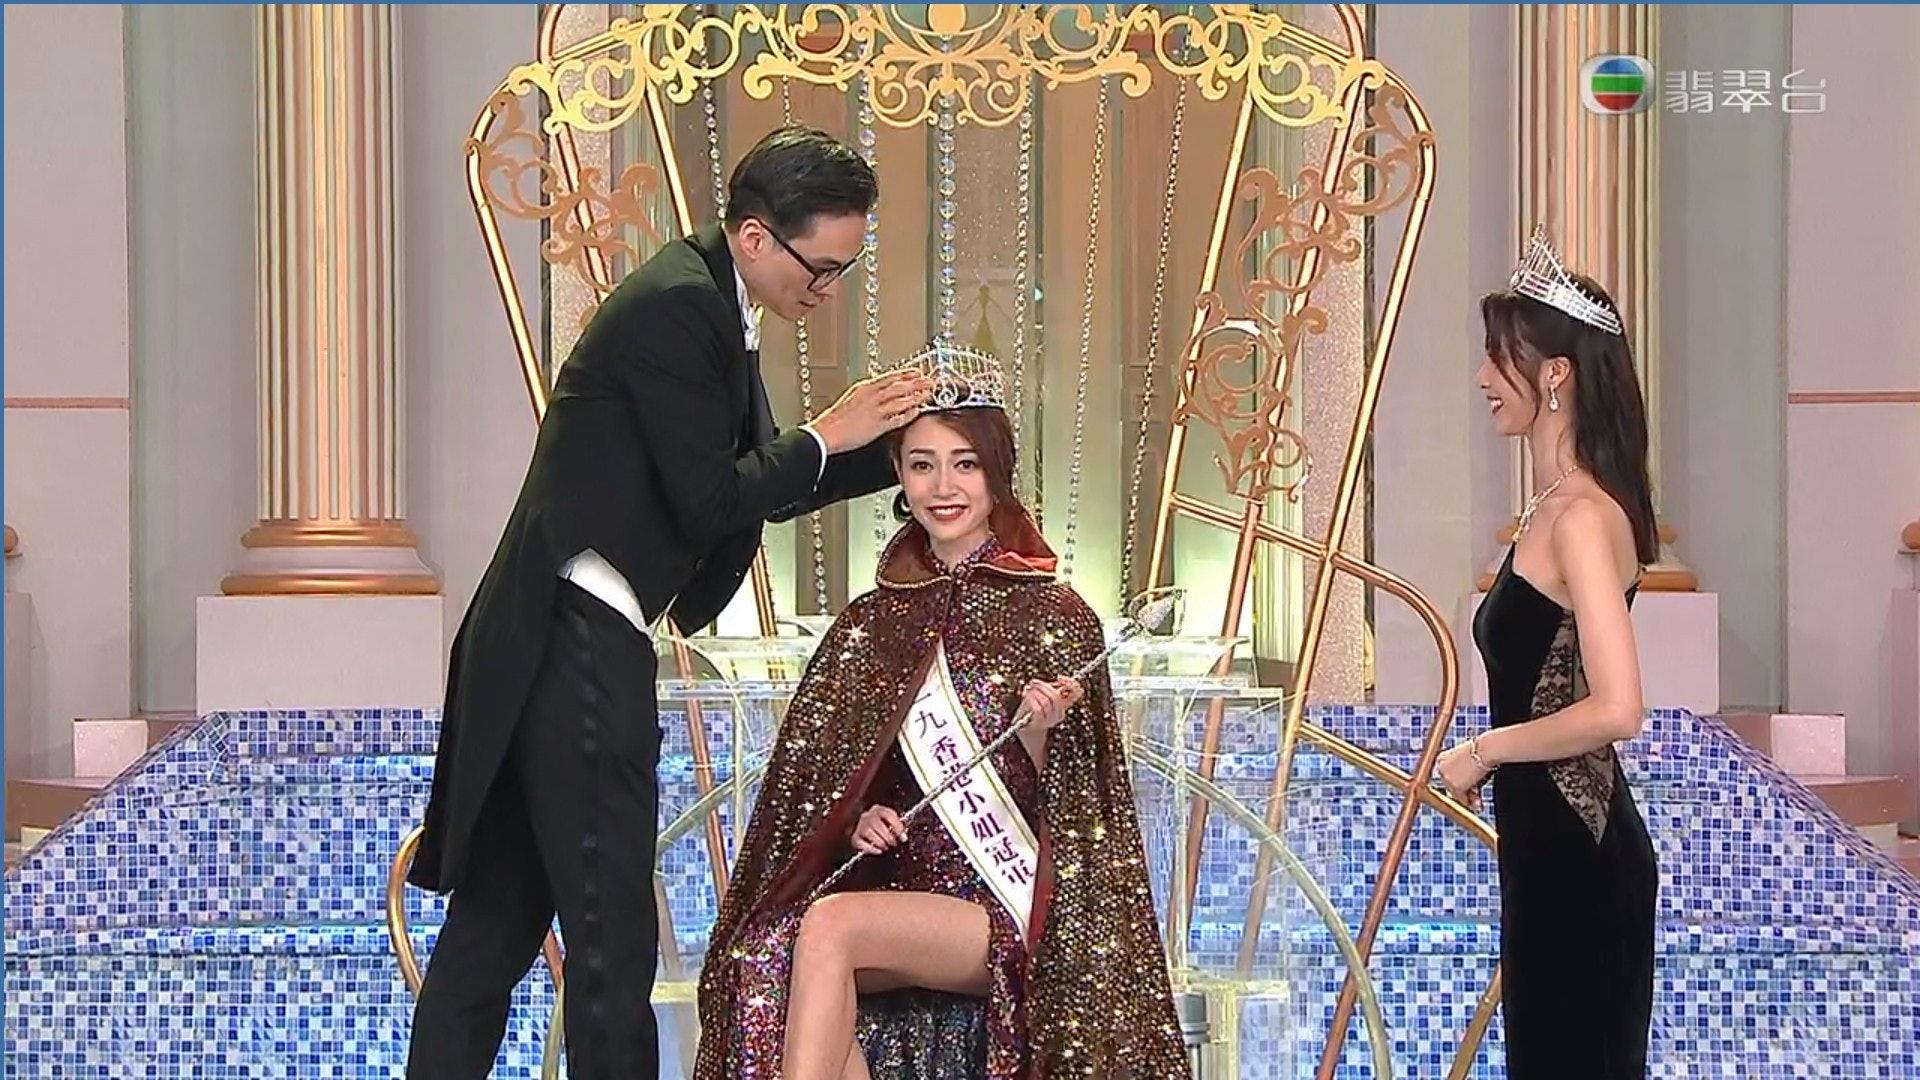 黃嘉雯昨晚以大熱姿態奪得今屆港姐冠軍。(無綫截圖)